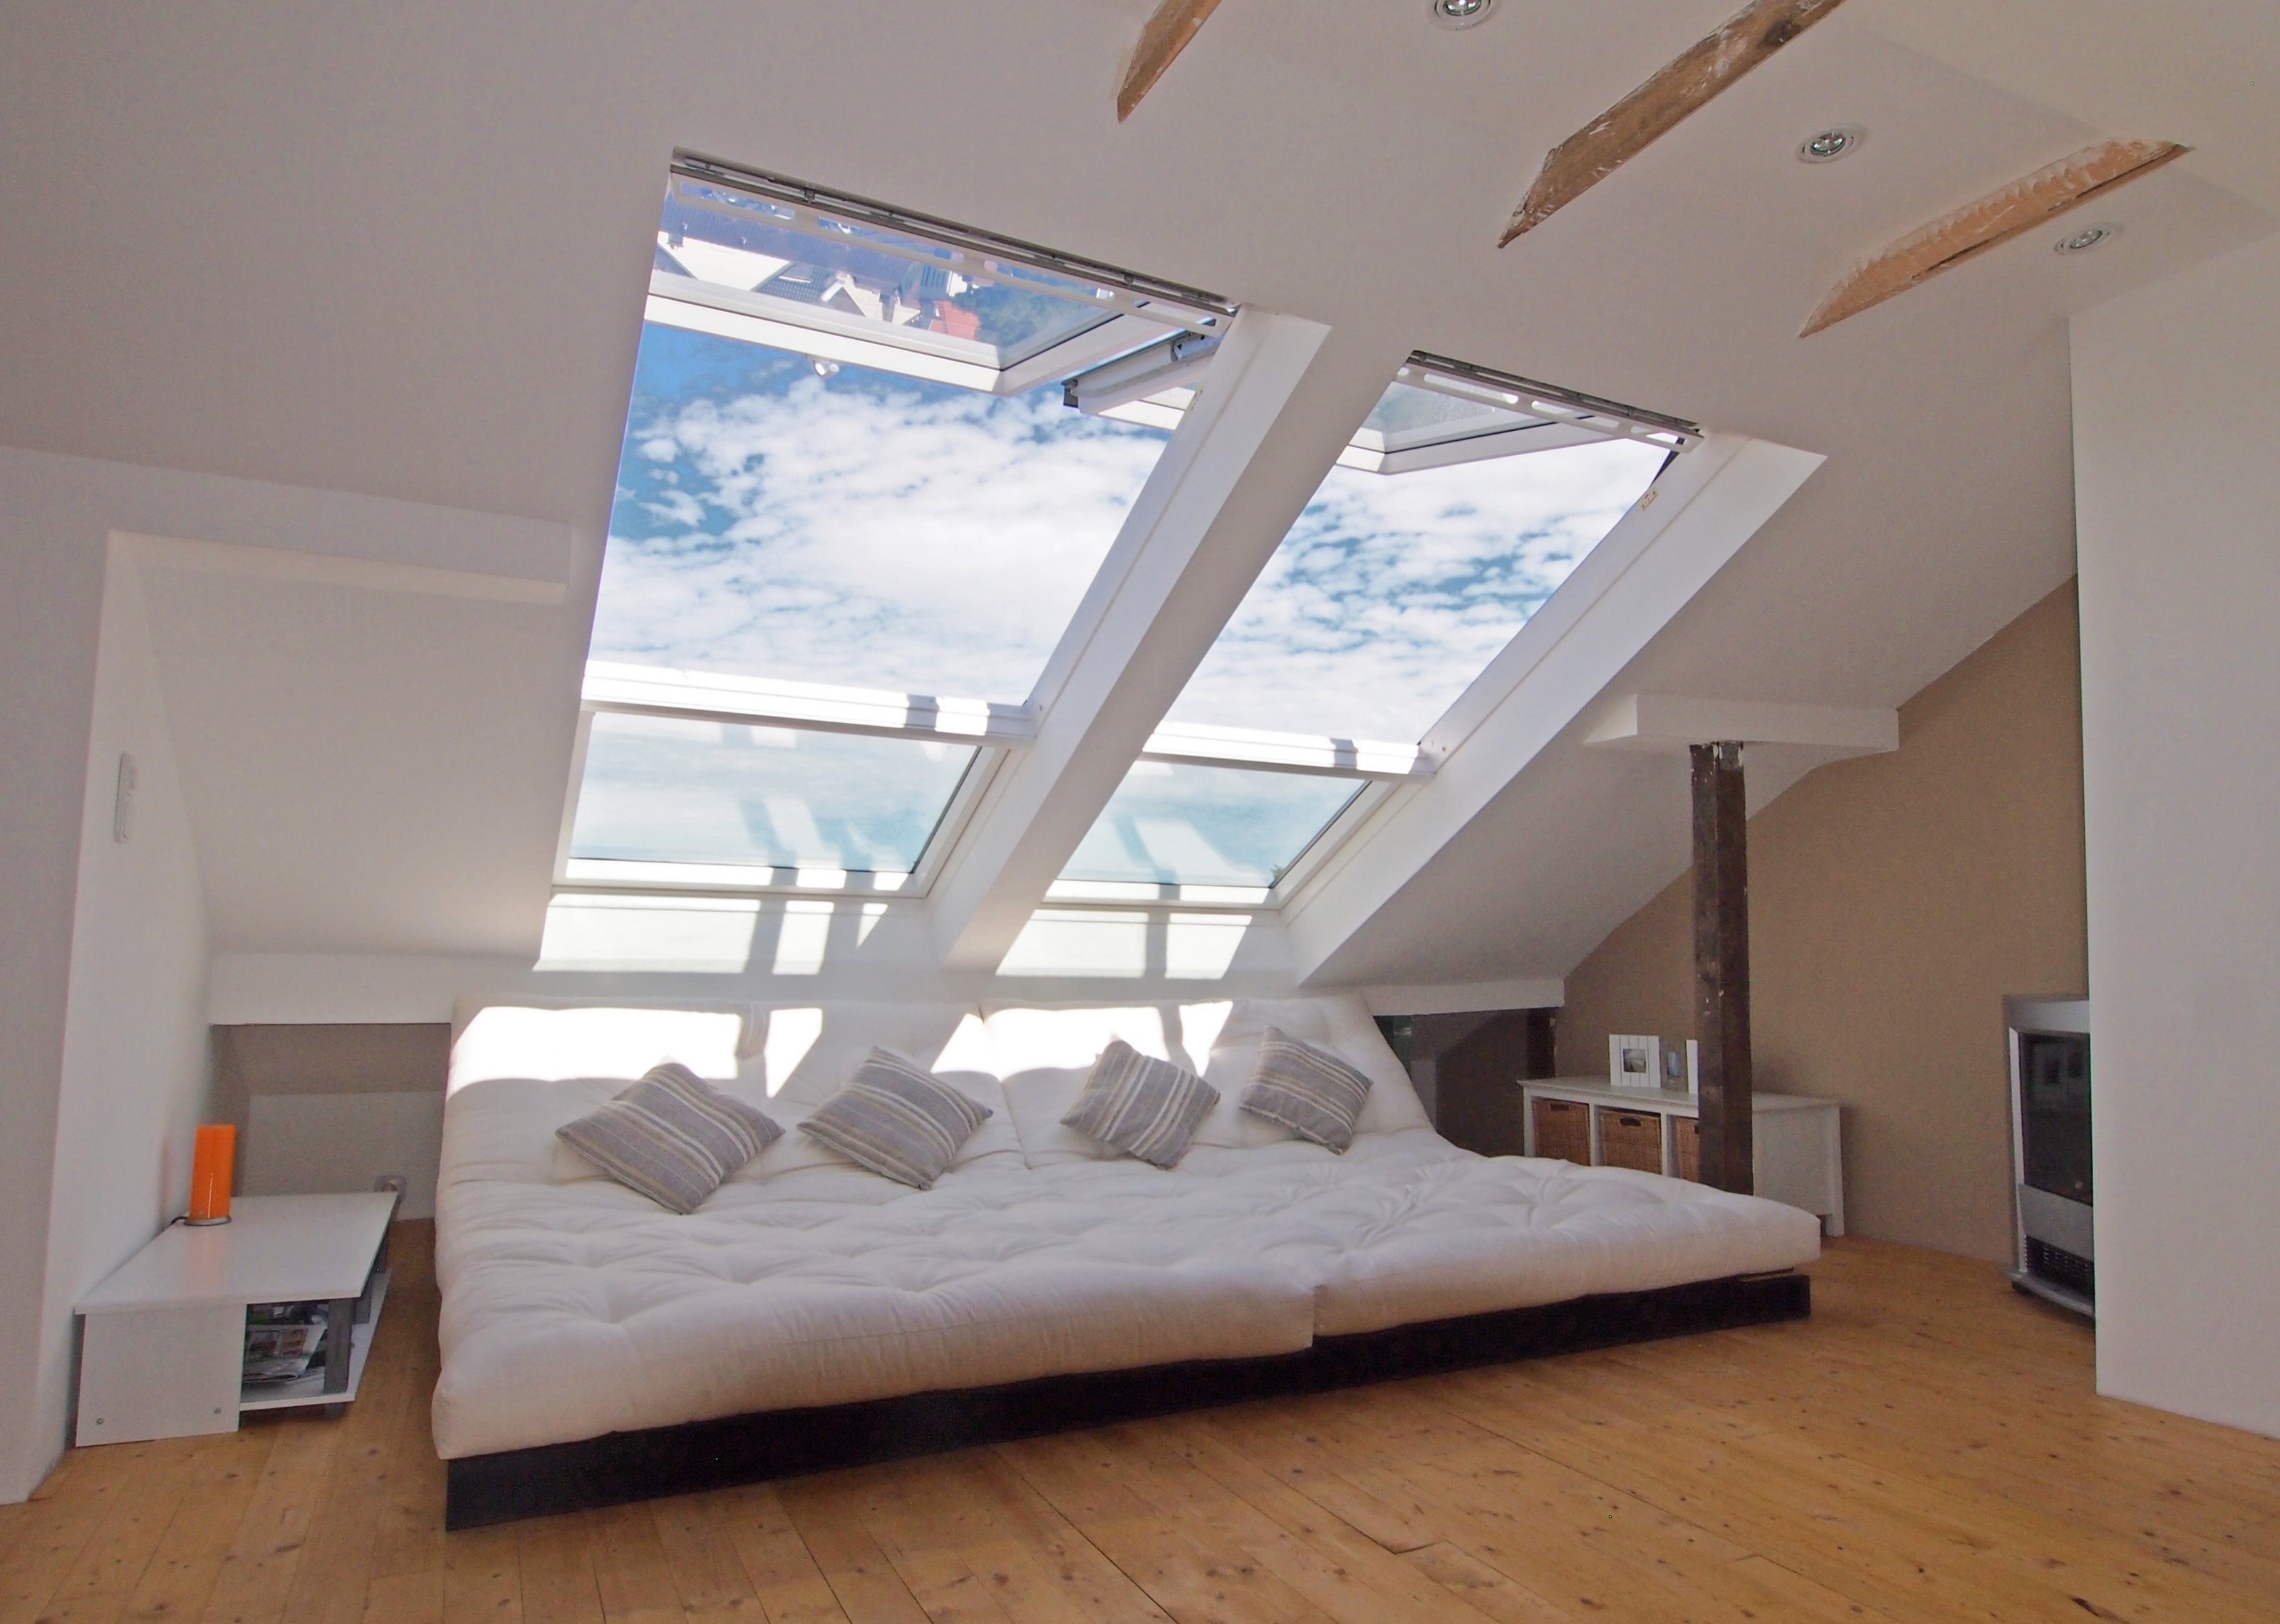 wohnzimmer dach deko : Wohnzimmer Chillen Unterm Dach Gr Nderzeitschatztruhe